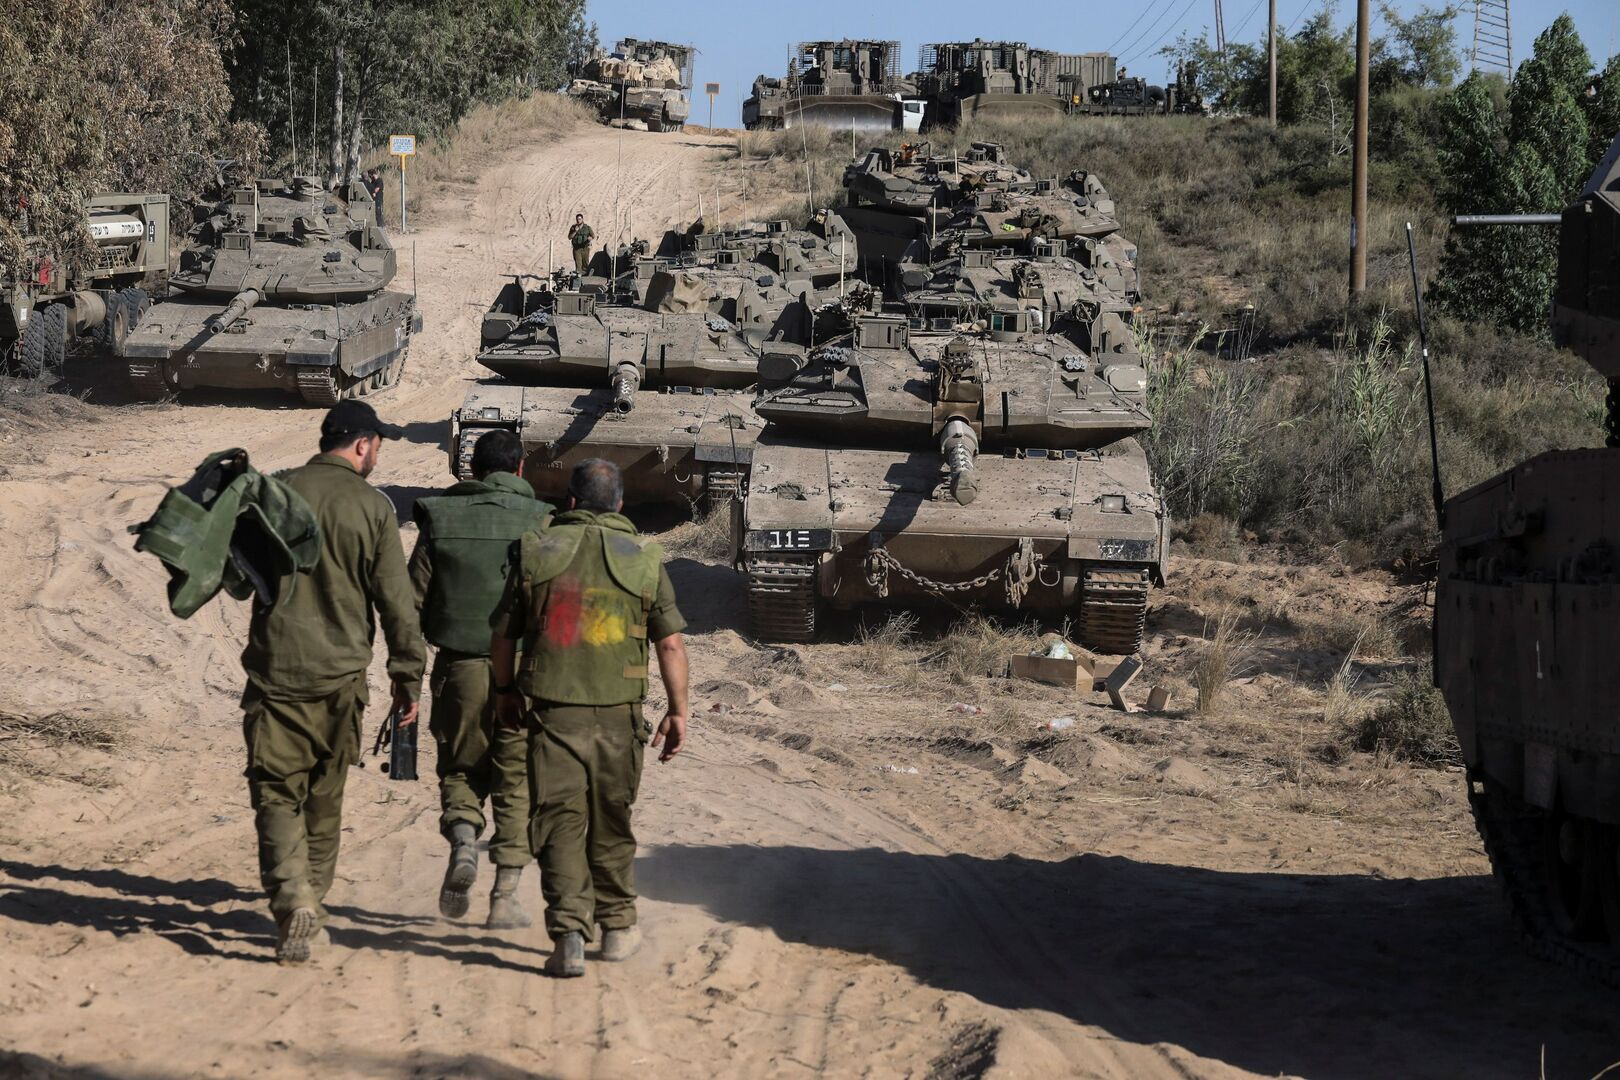 ارتفاع حصيلة القتلى الإسرائيليين إلى 9 أشخاص